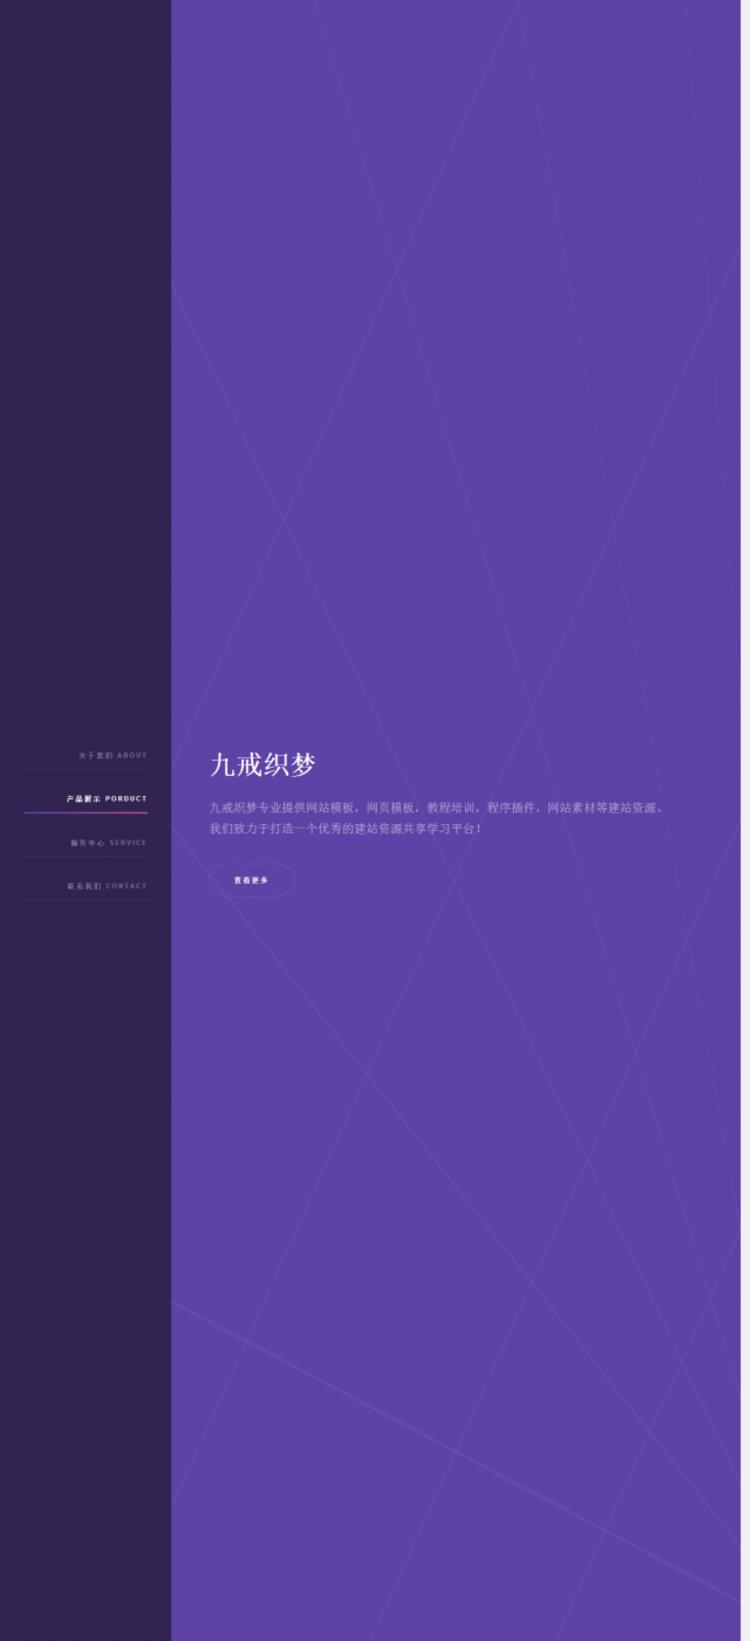 优雅炫彩侧边响应式企业展示通用织梦模板(自适应)电脑端演示